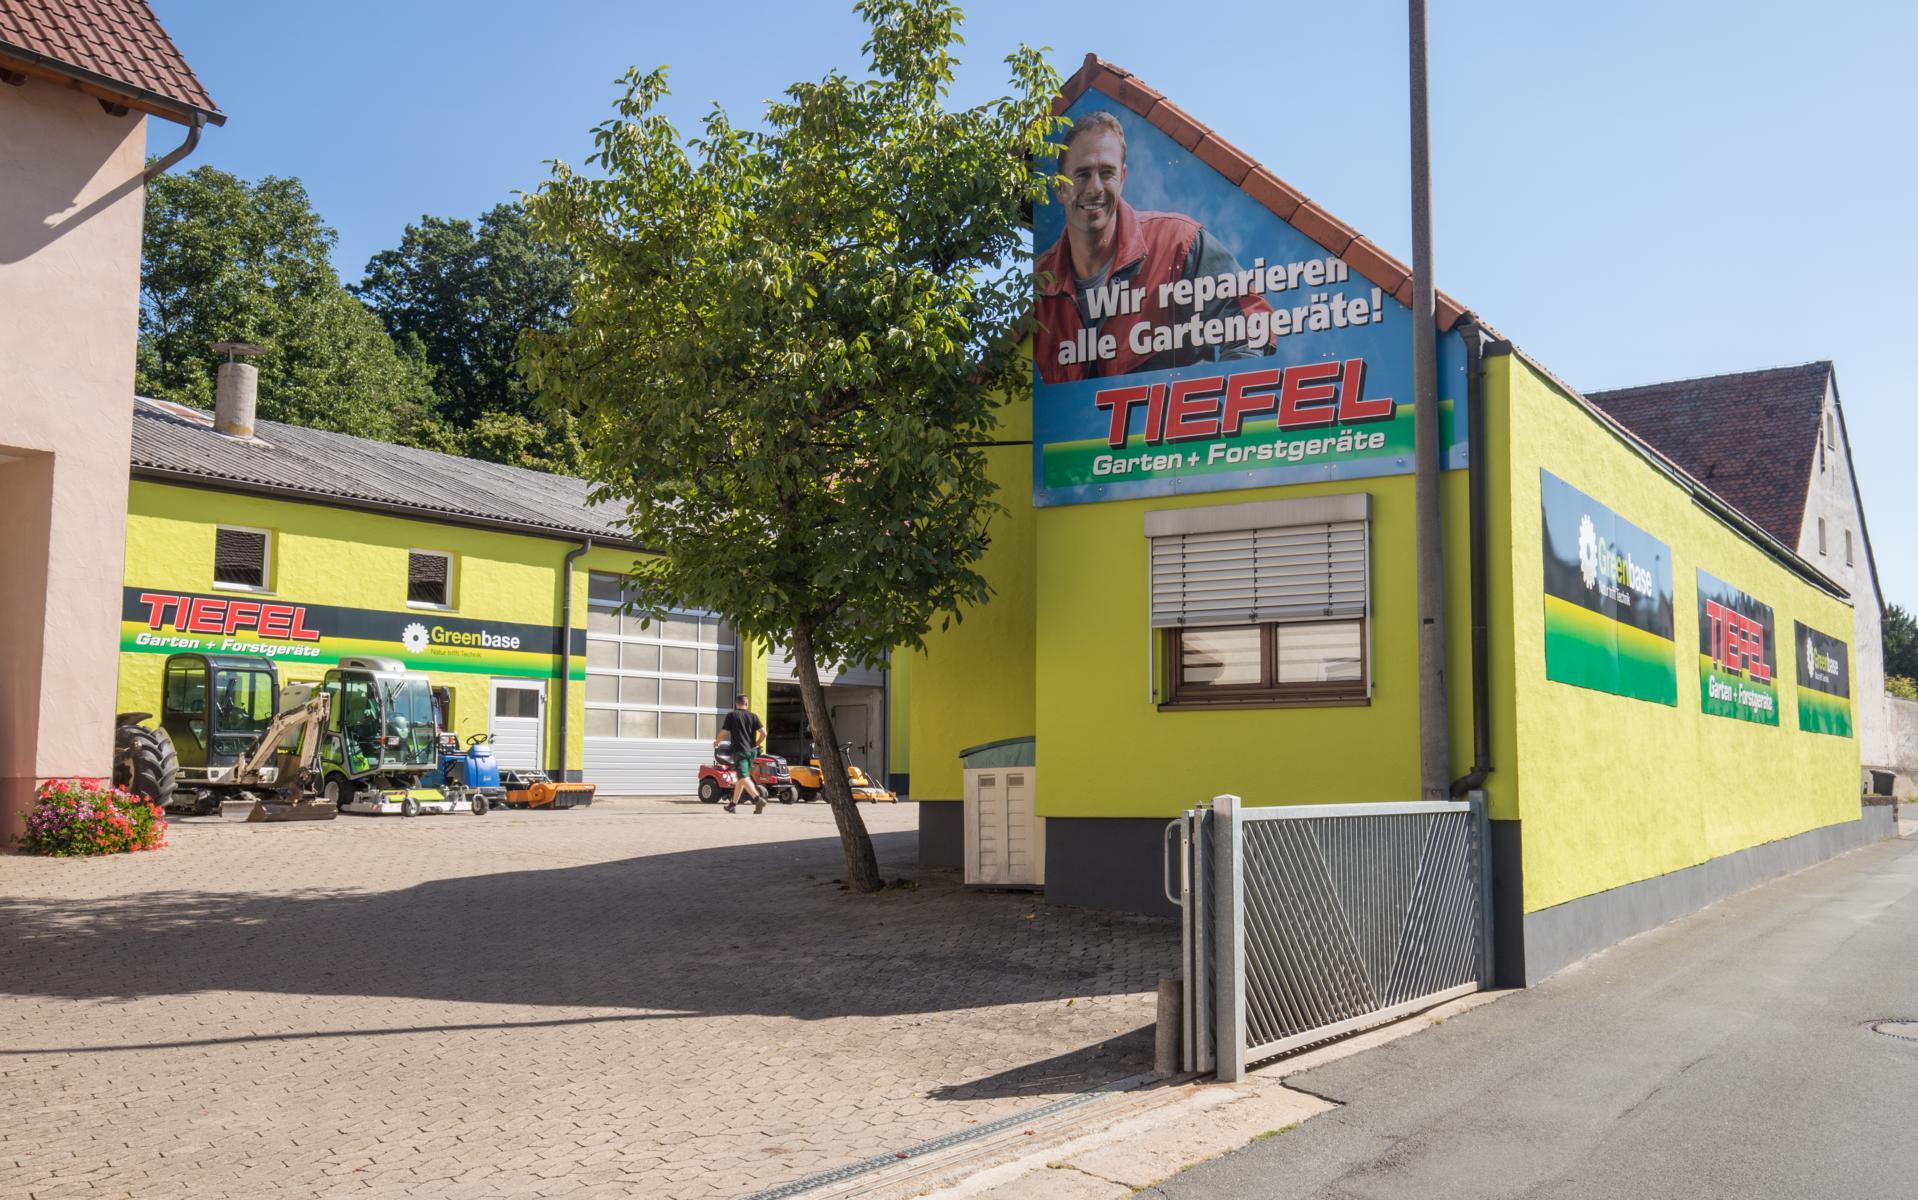 Tiefel Garten- und Forstgeräte GmbH